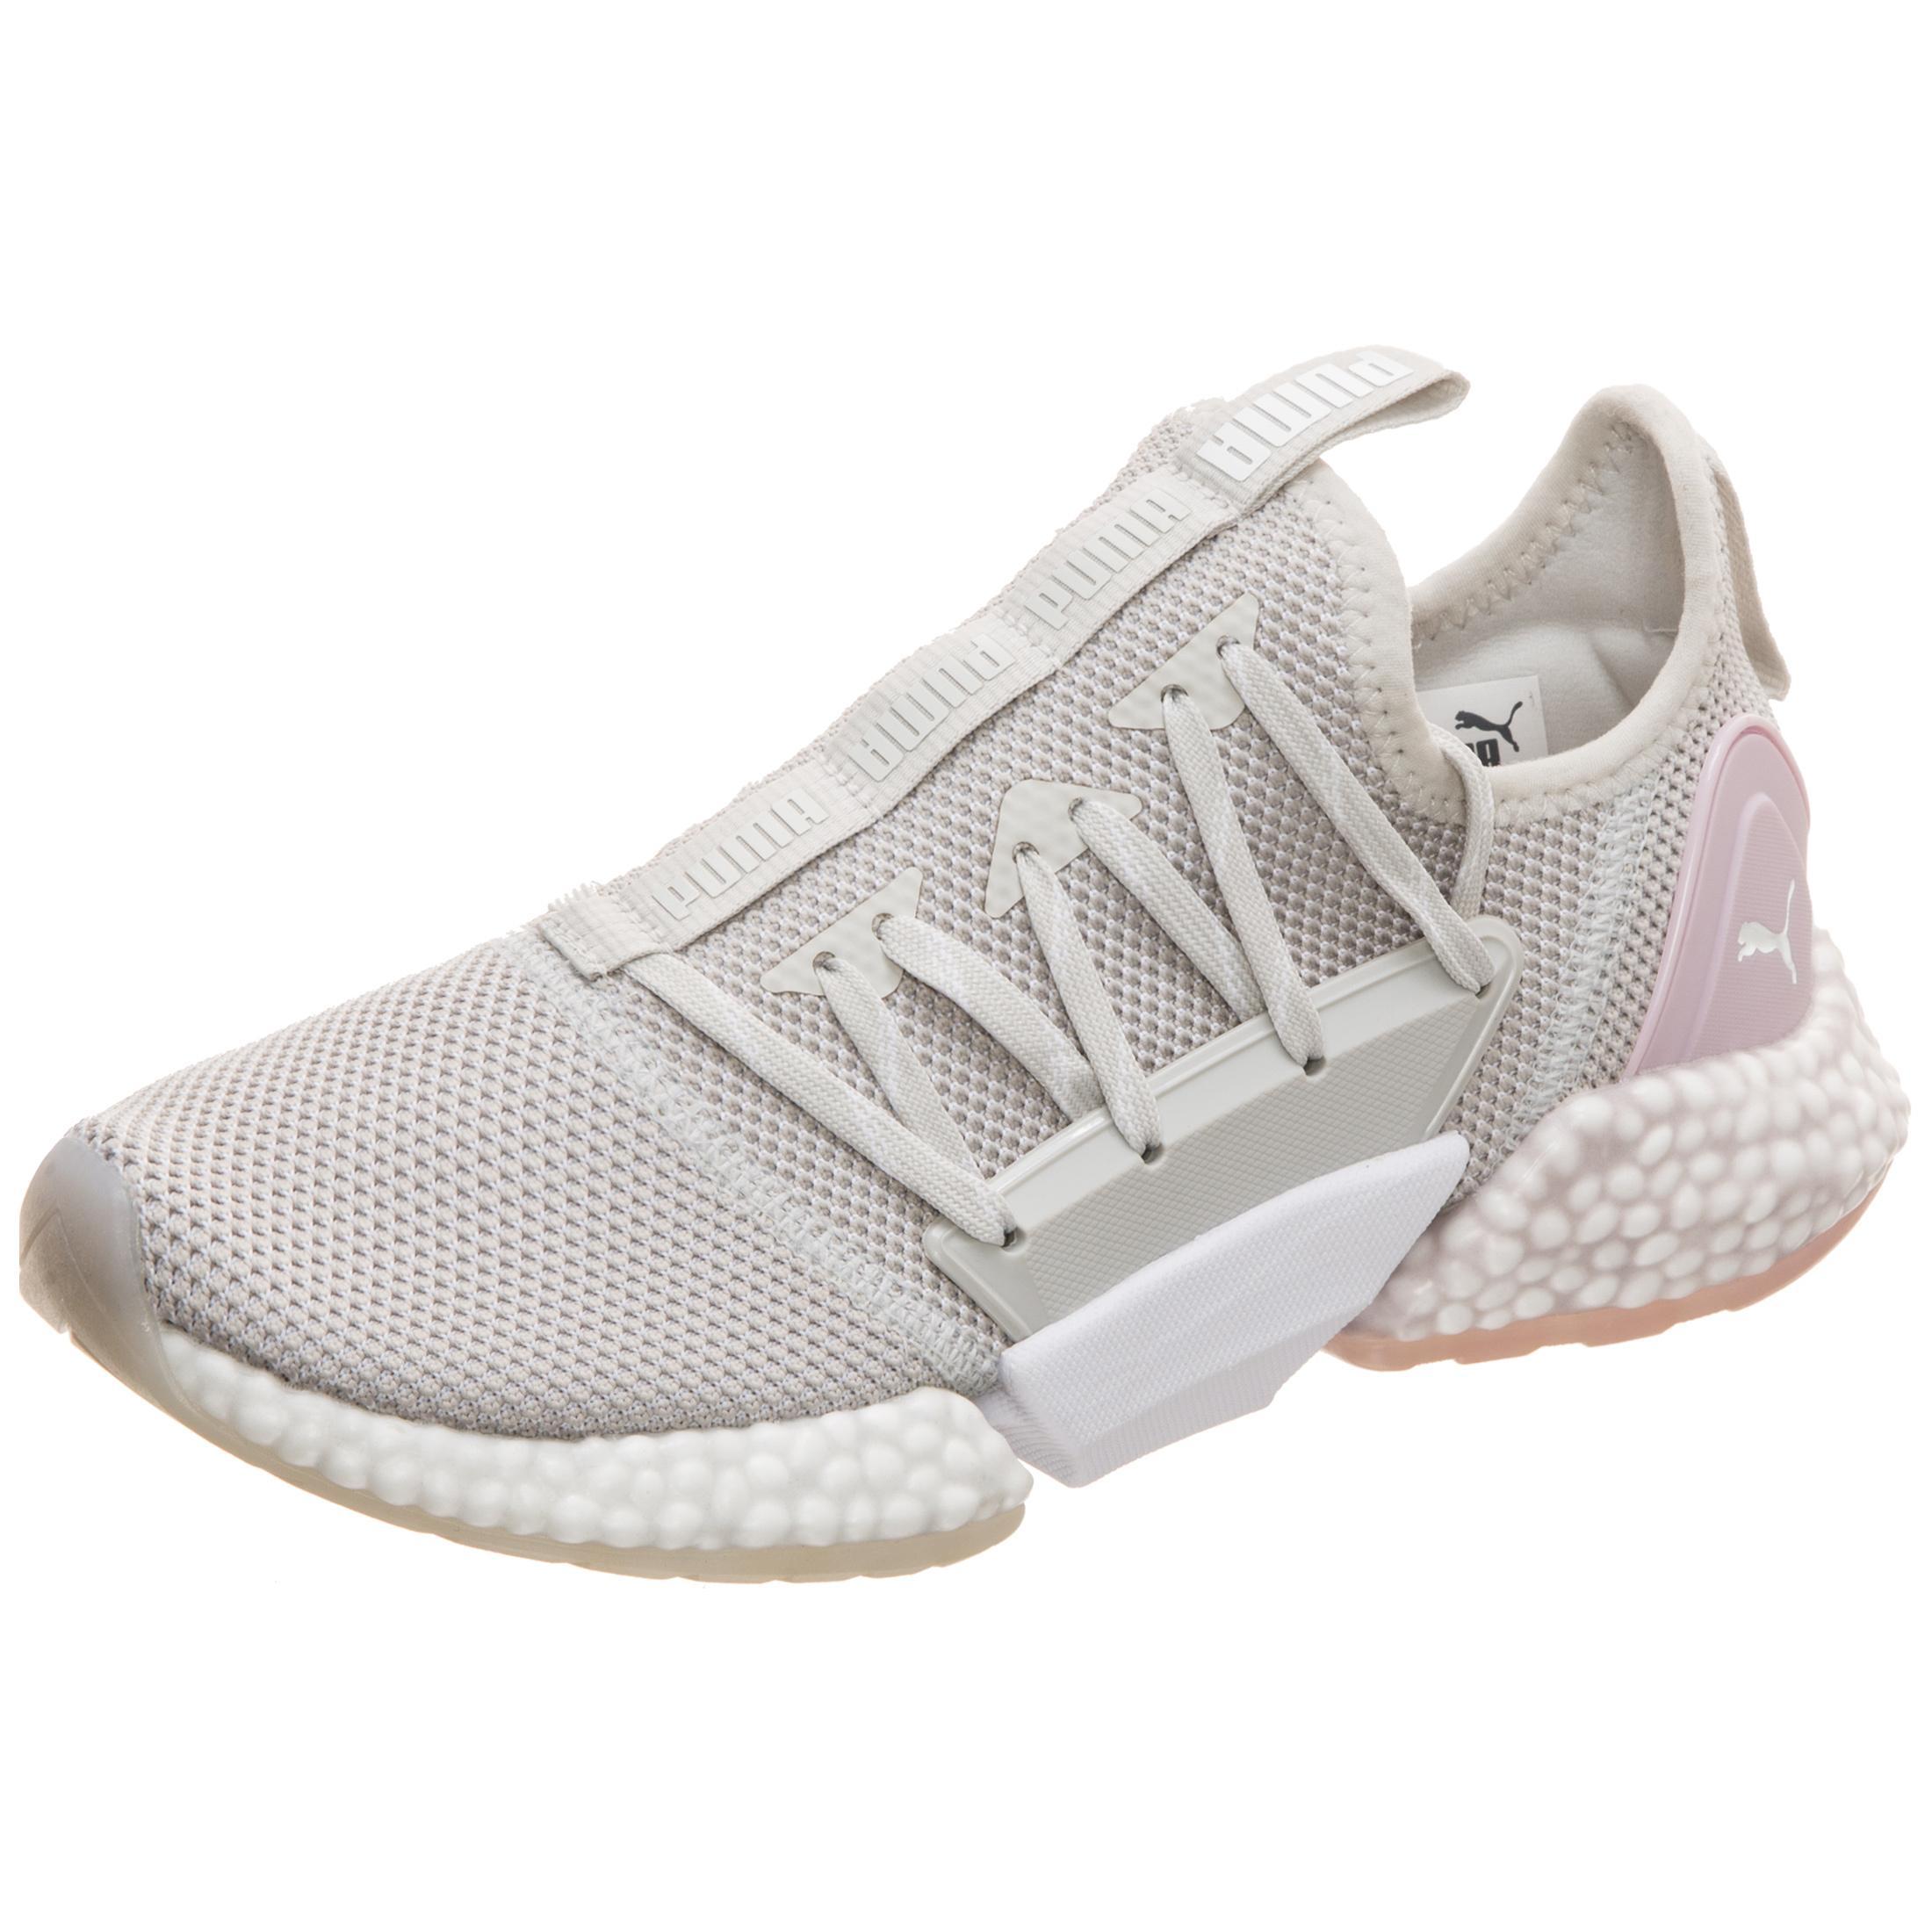 PUMA Hybrid Rocket Runner Laufschuhe Damen grau / weiß im Online Shop von SportScheck kaufen